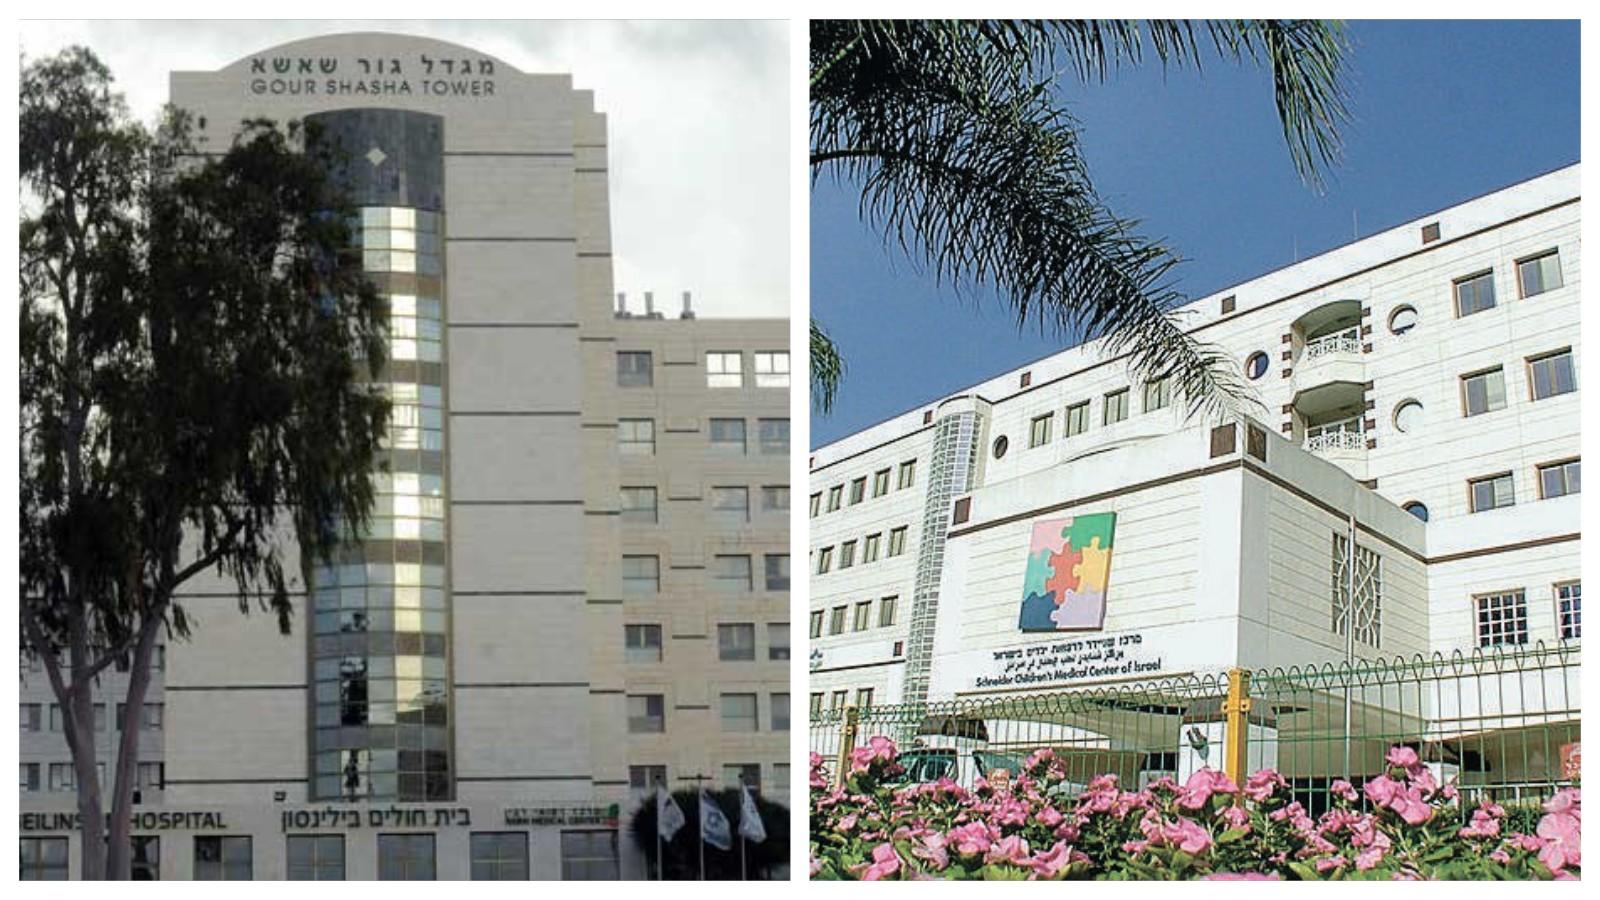 בית חולים שניידר, בית חולים בילינסון. צילום זאב שטרן